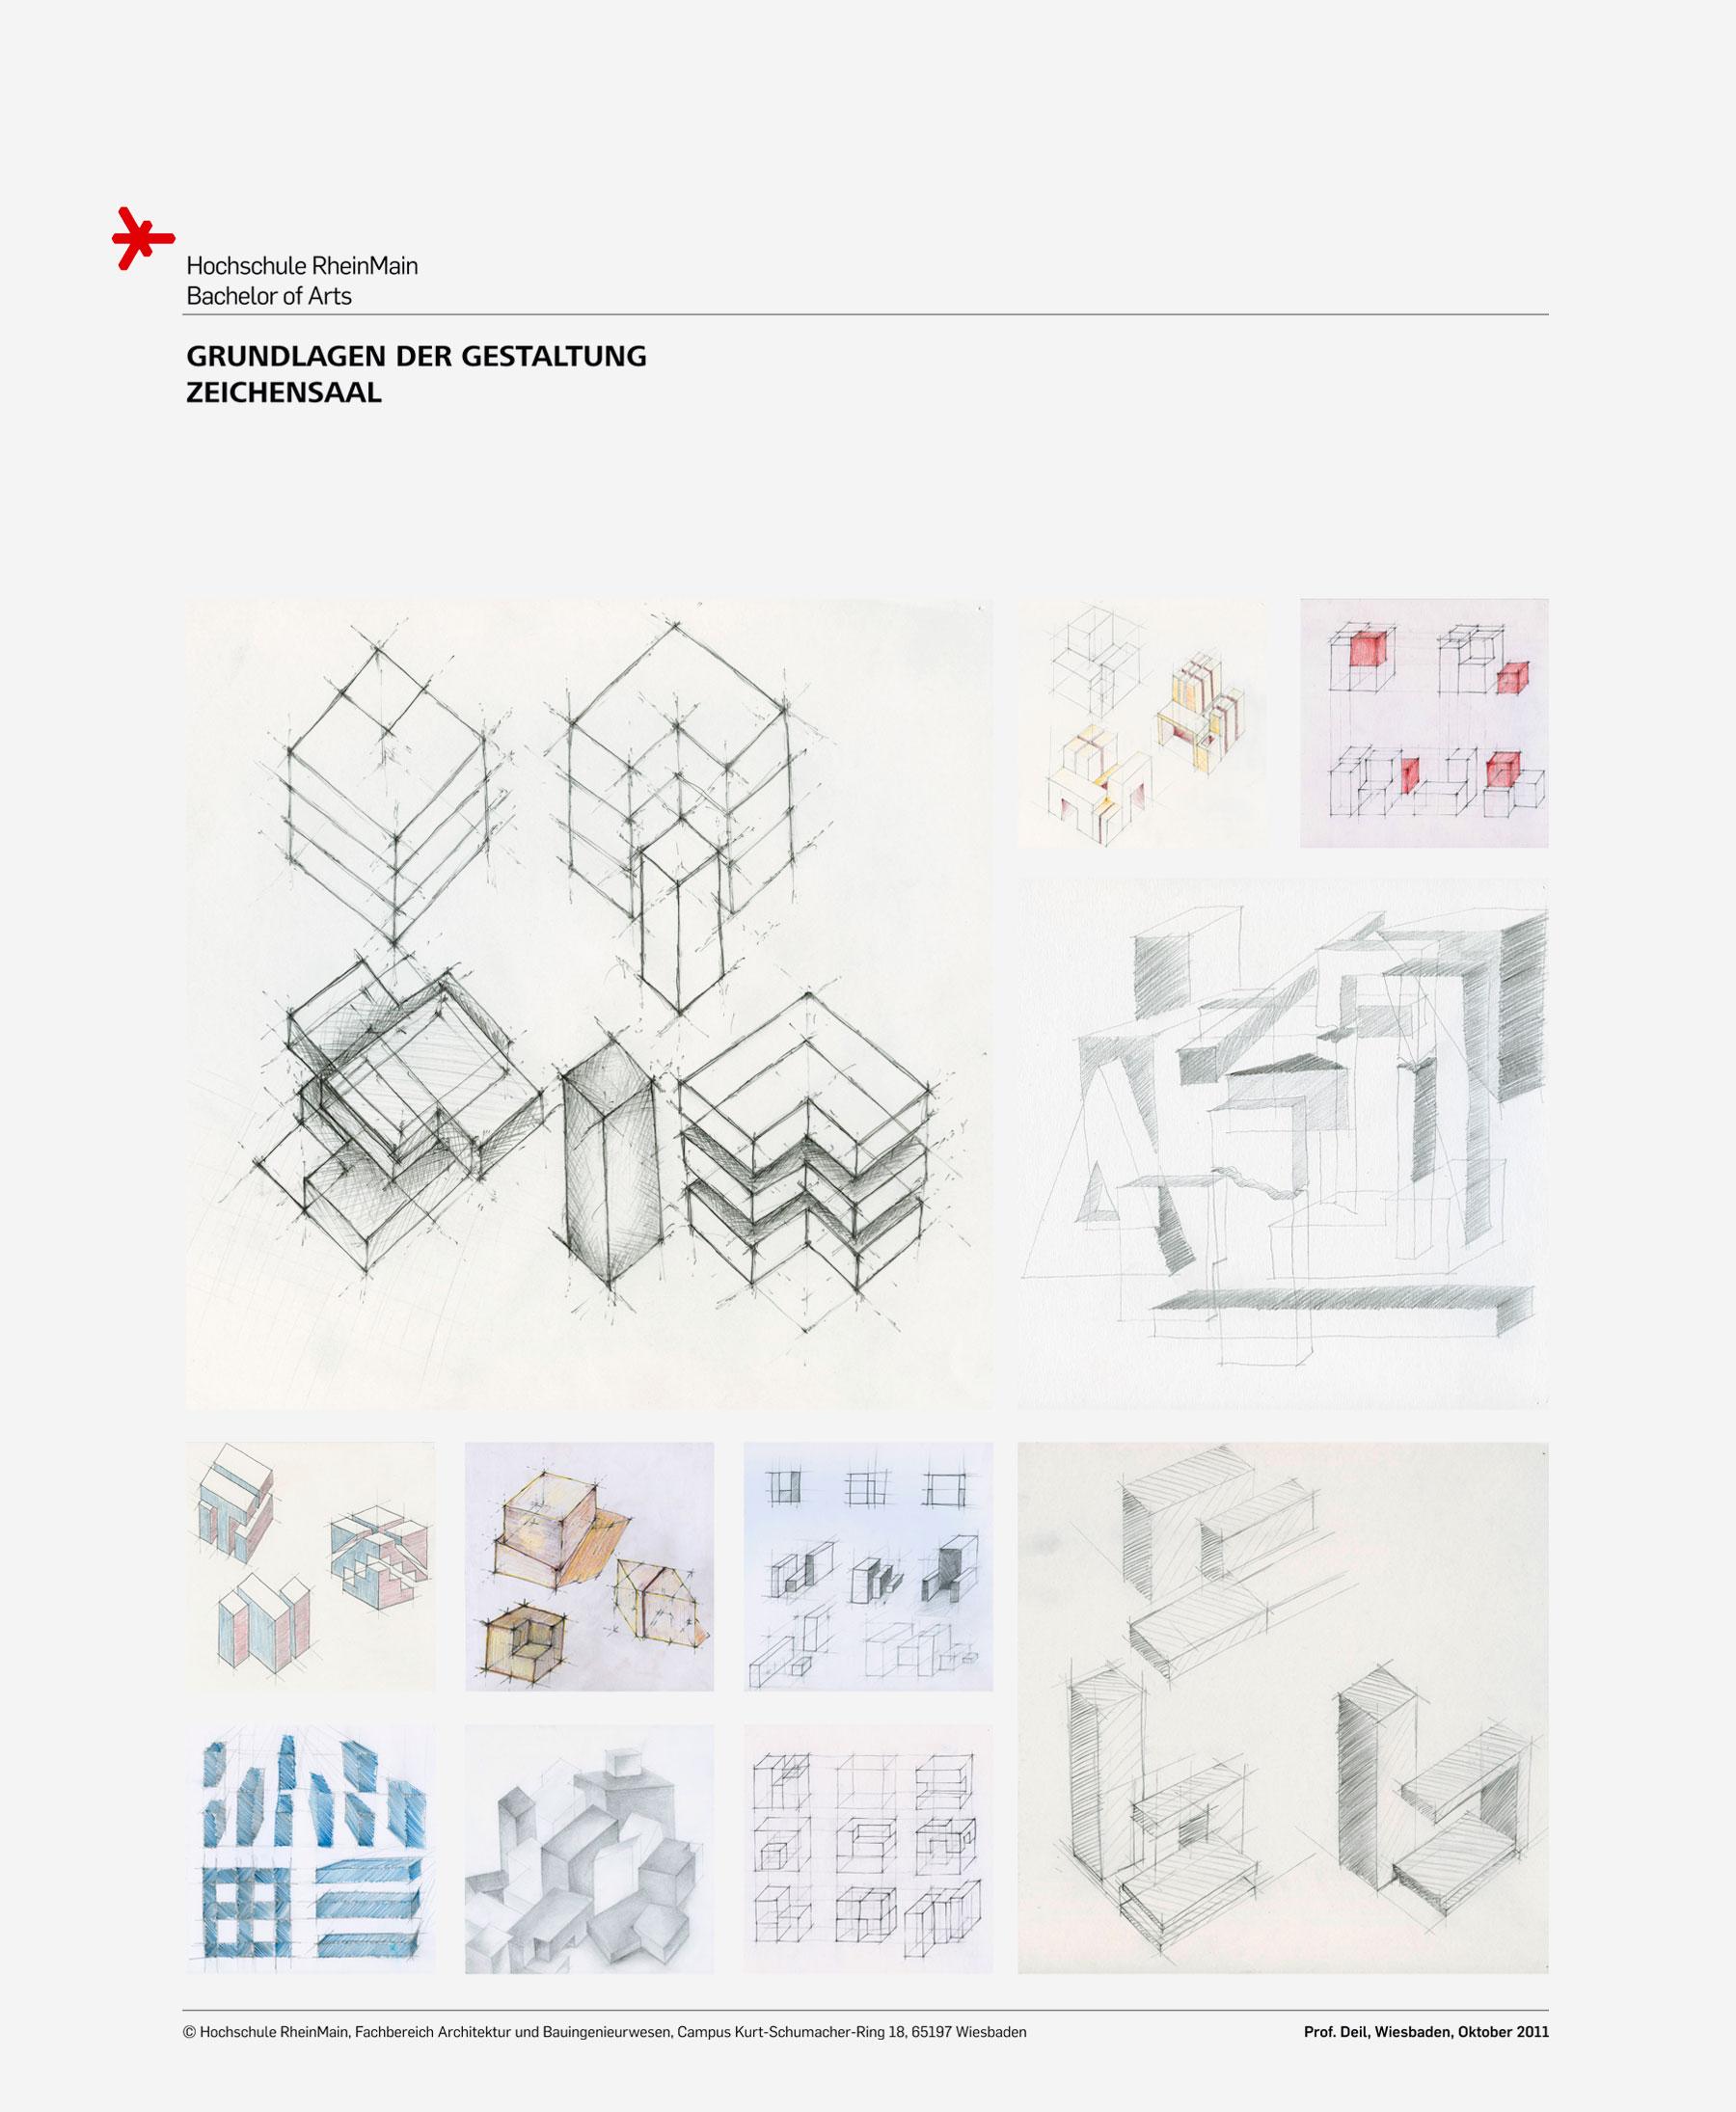 plakat-grundlagen-der-gestaltung-rudolf-deil-hsrm-12